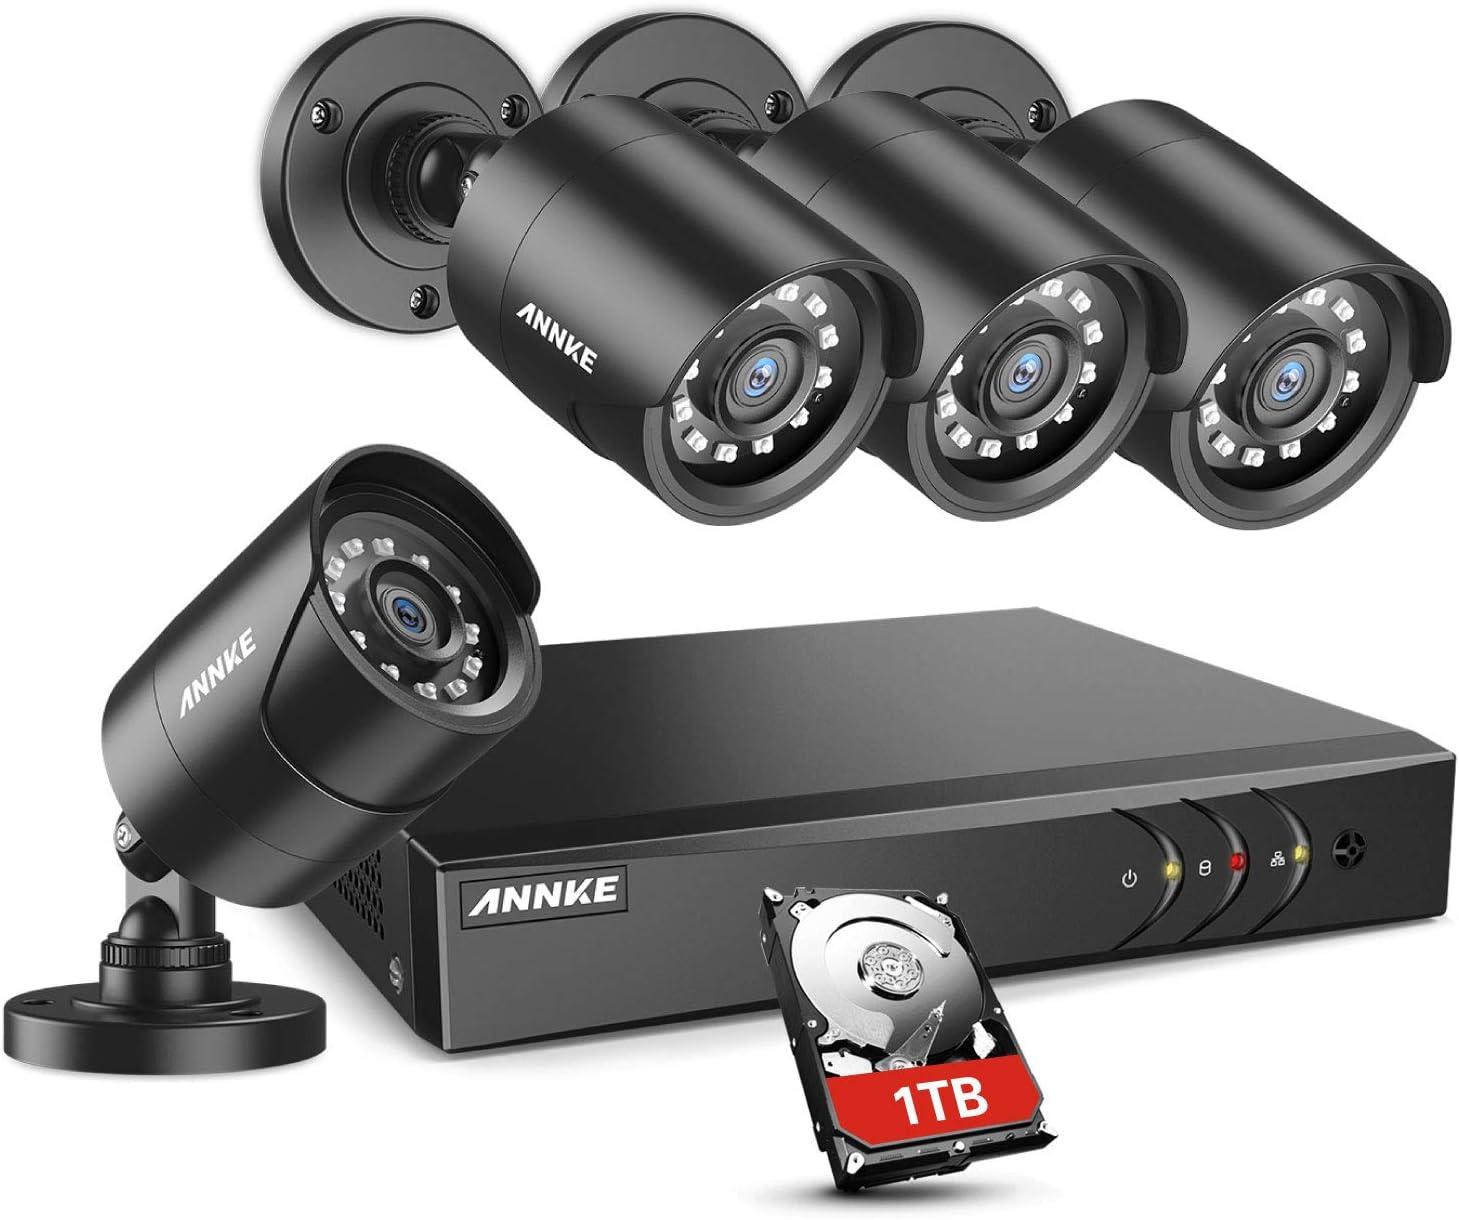 Alarma Visual ANNKE Sistema de Seguridad 5MP H.265 Pro+ DVR de Vigilancia con 2TB Disco Duro 4Pcs 5MP PIR C/ámaras de Videovigilancia IP67 Resistente al Agua 2TB HDD Visi/ón Nocturna de 100 Pies